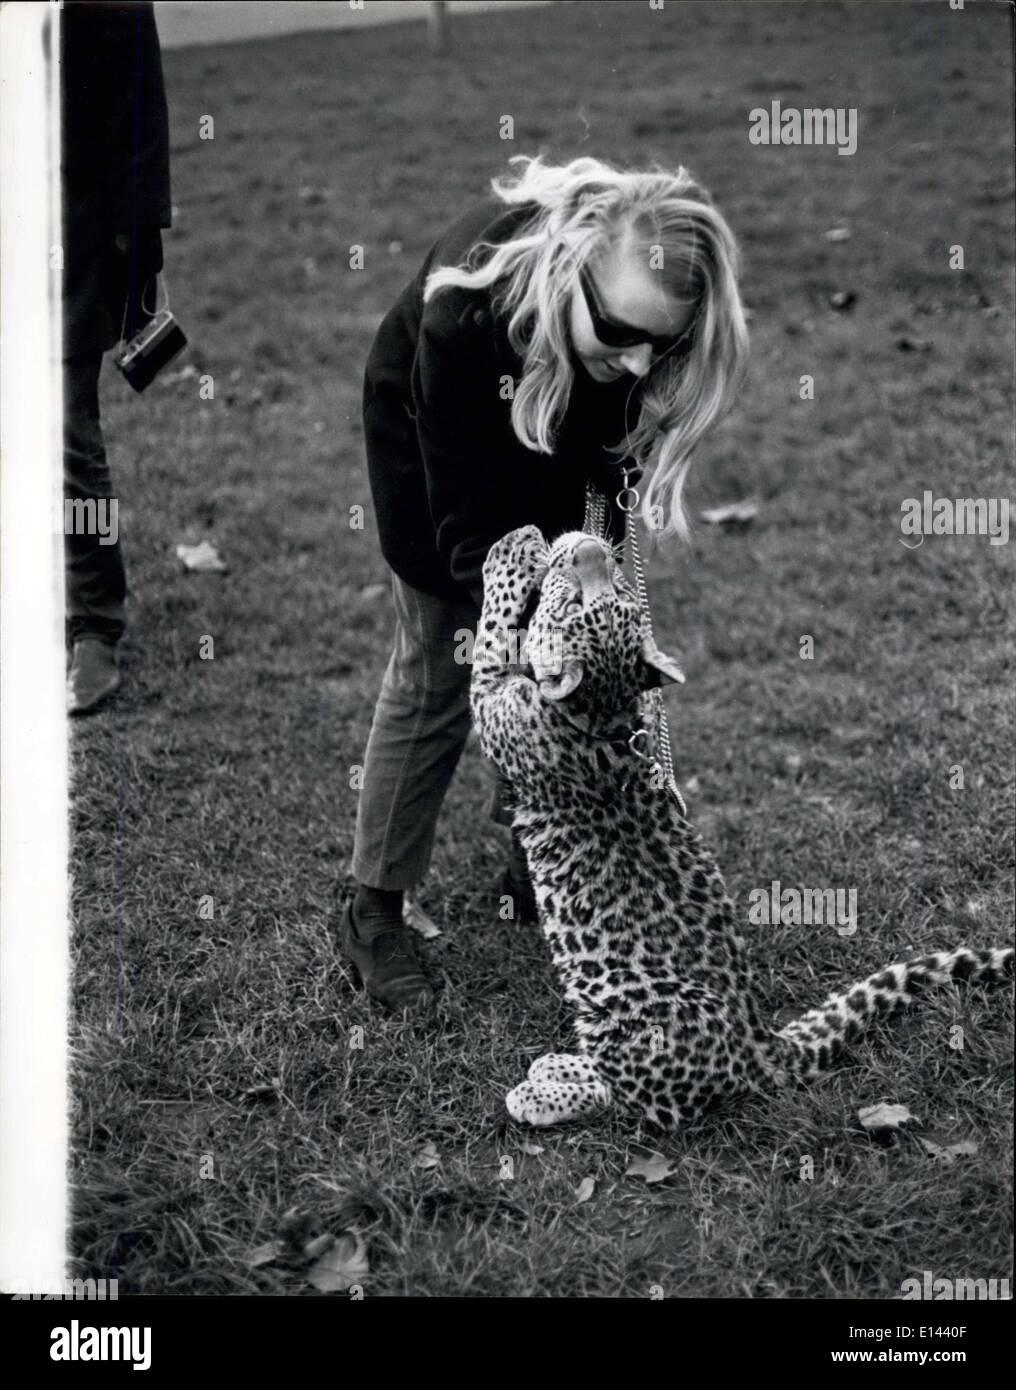 04 de abril de 2012 - 2.5 Michael es un joven leopardo amigable - es solo pequeño en este momento - pero pronto Foto de stock